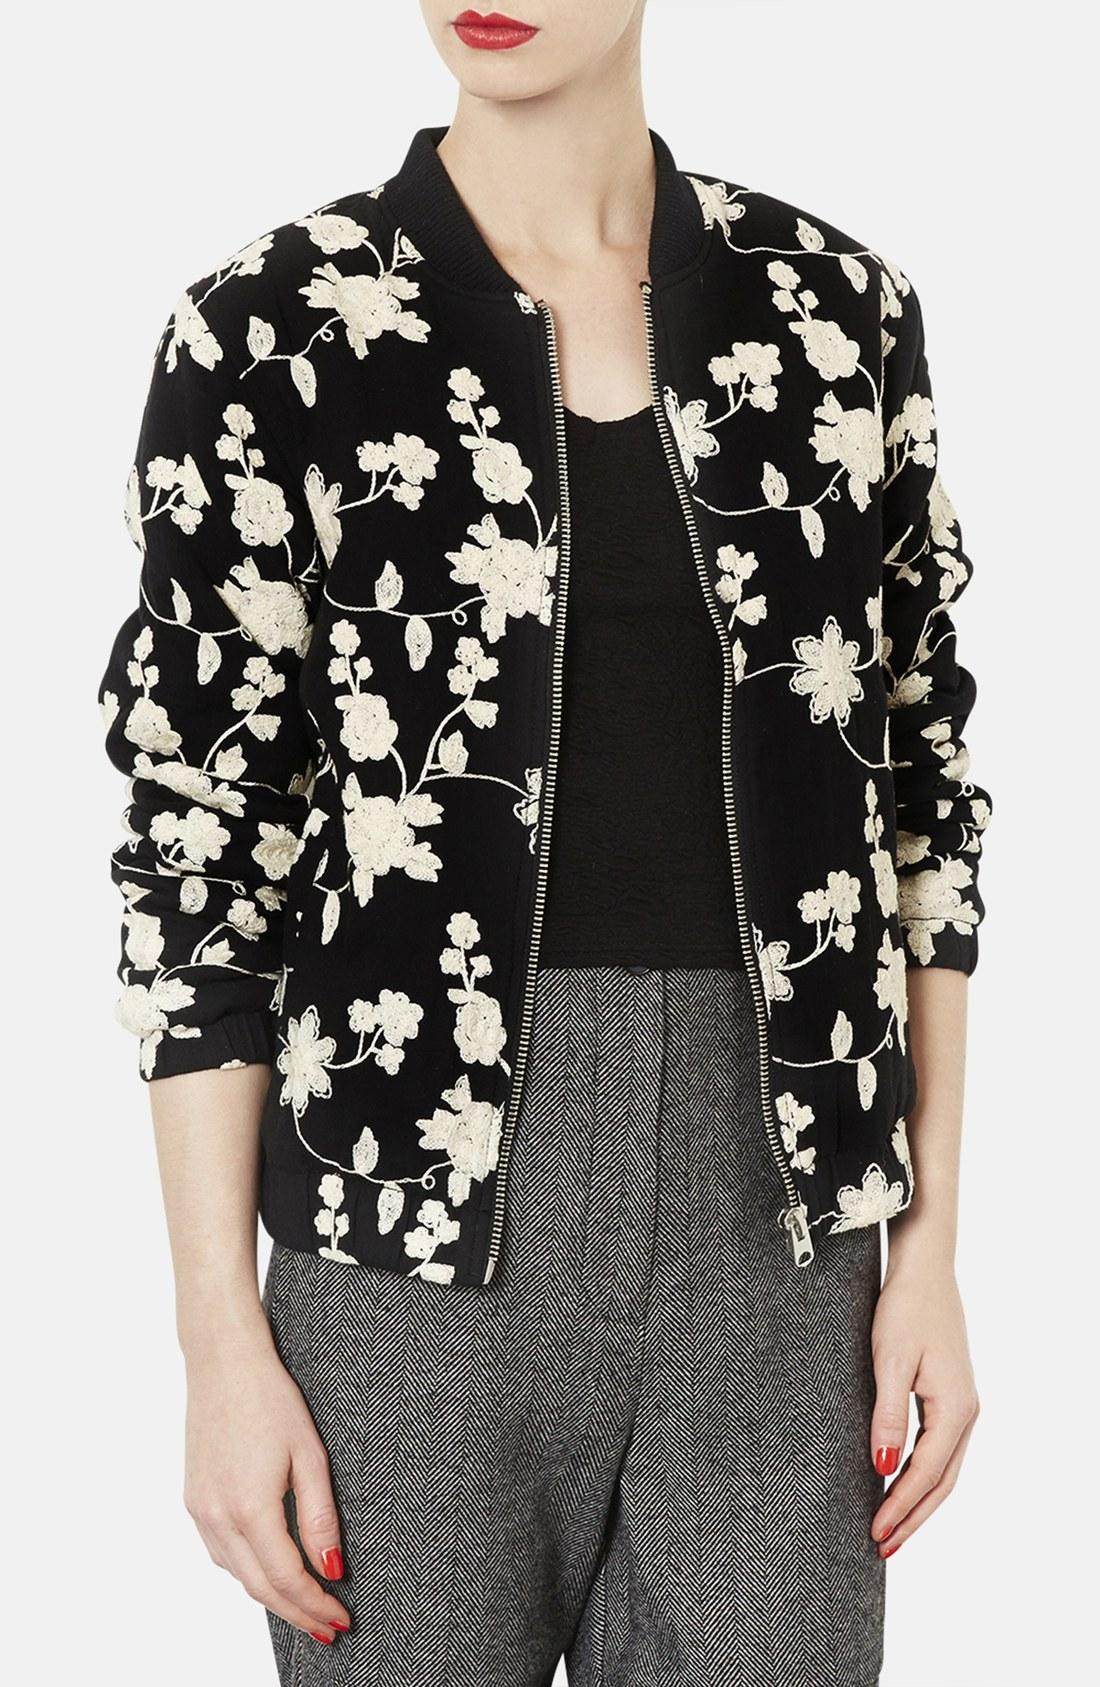 Topshop floral embroidered bomber jacket in beige black